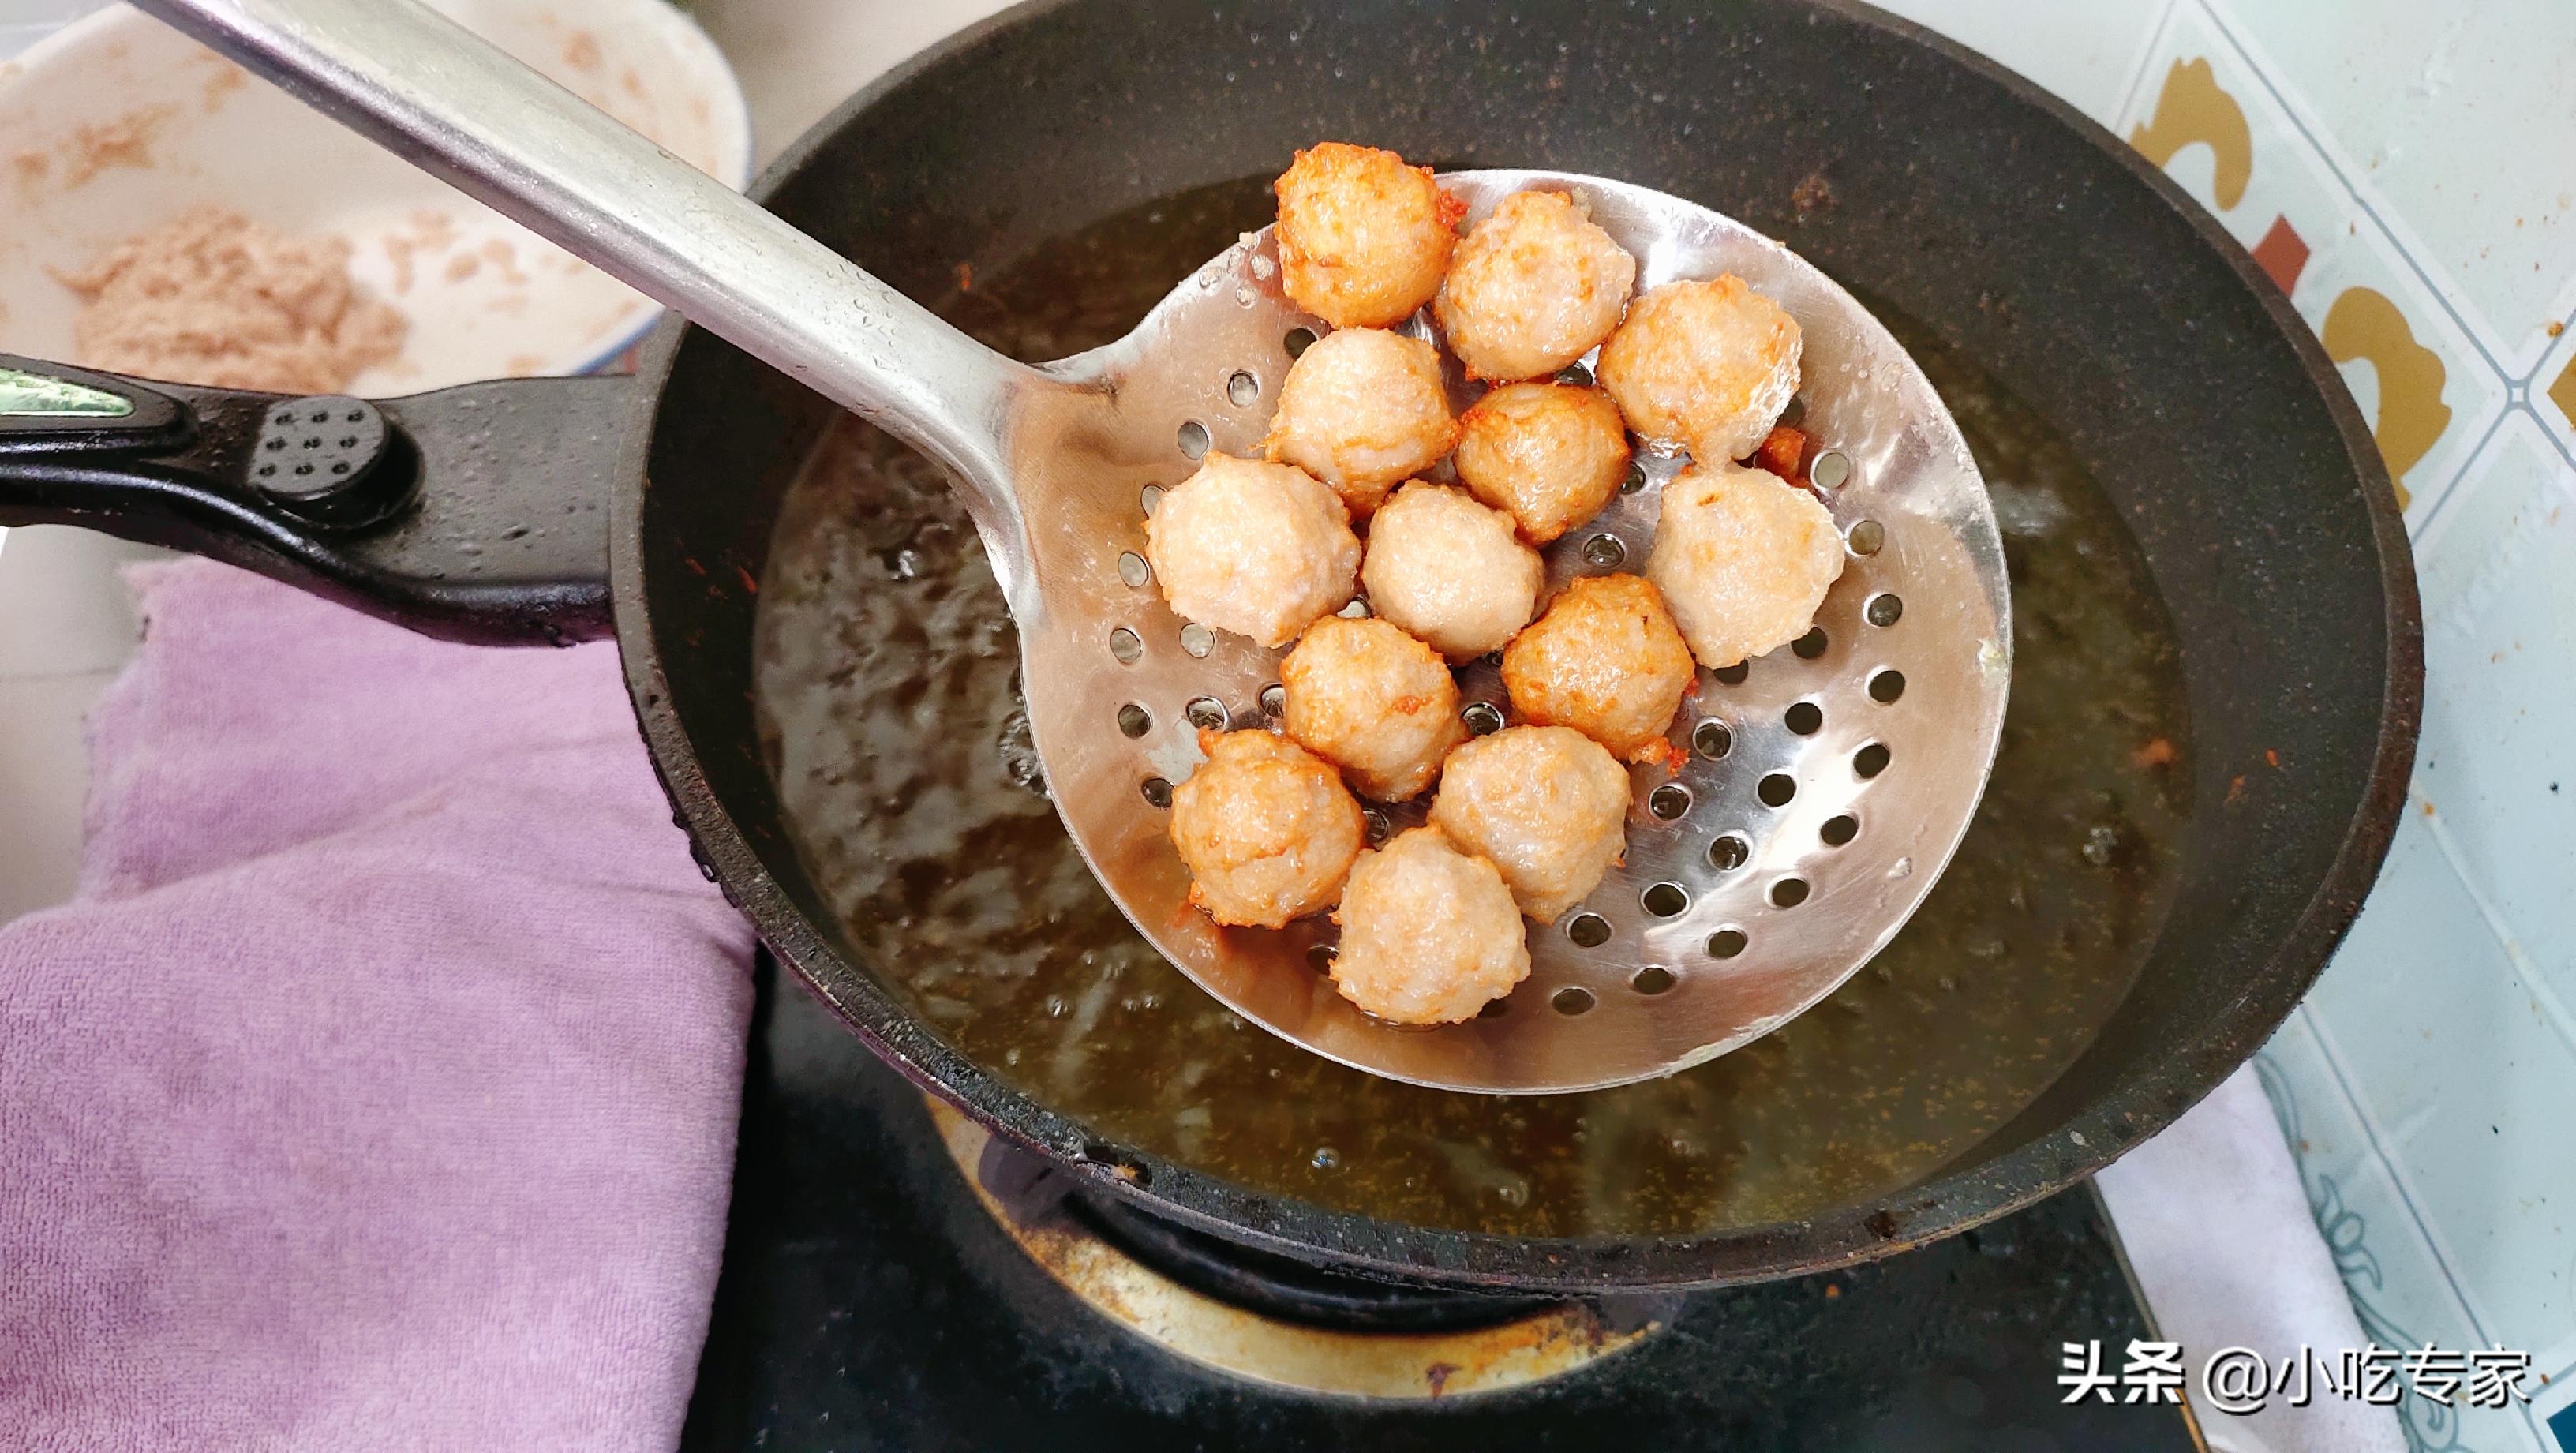 这才是油炸肉丸最好吃的做法,表皮酥脆不硬,里面鲜嫩滑爽